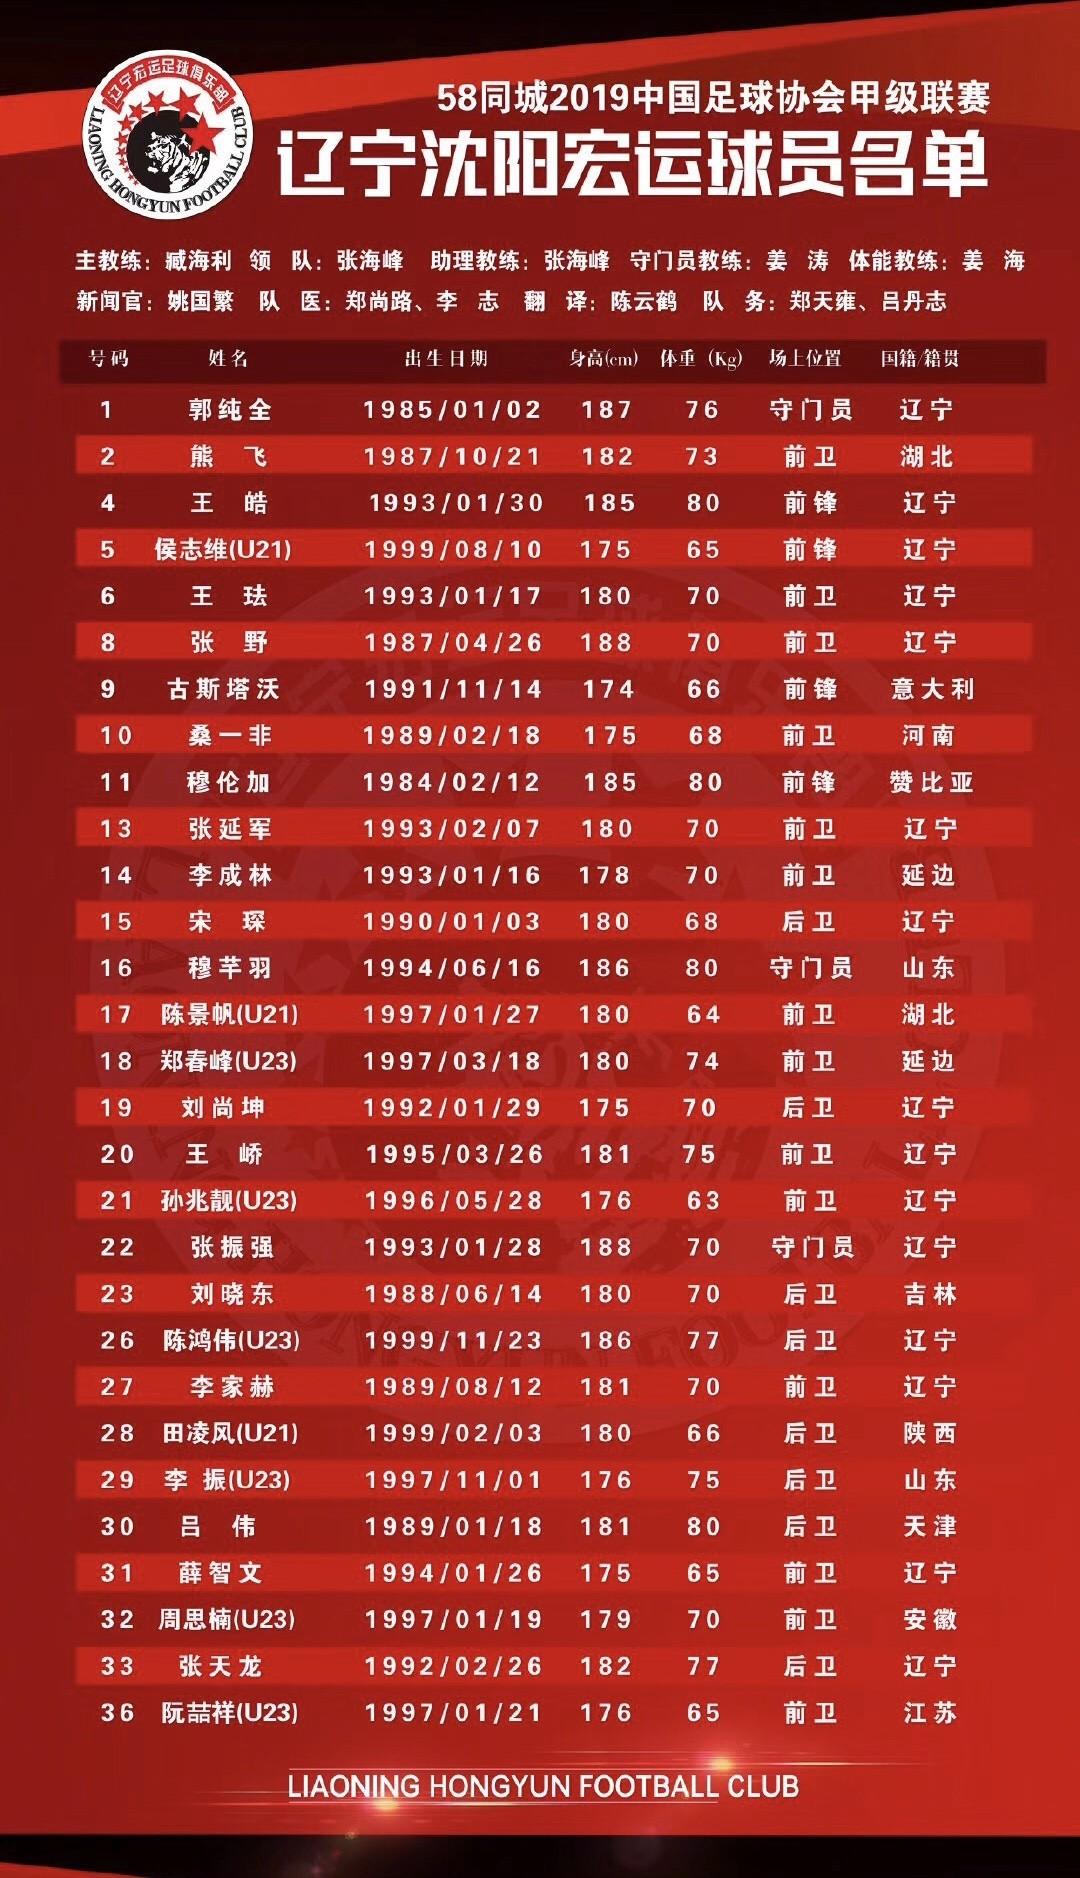 张野:辽足新赛季将给予更多年轻球员出场机会